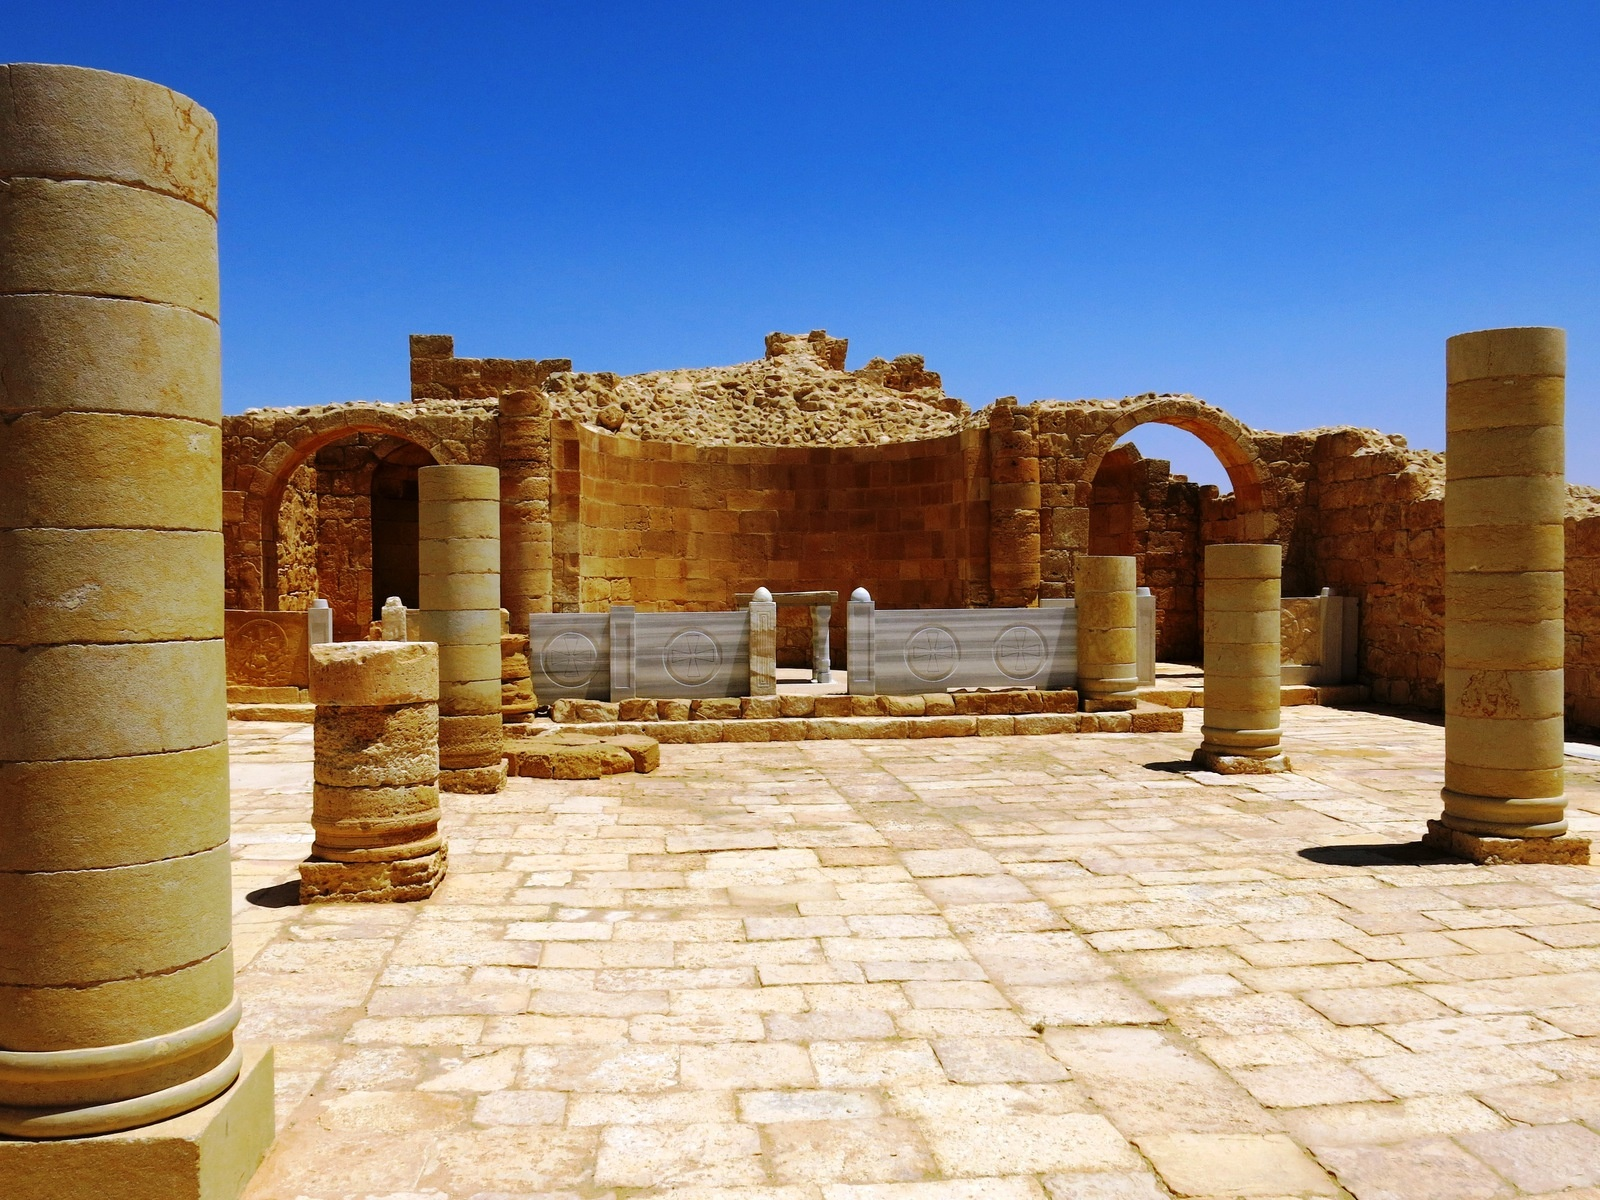 terre sainte israel monuments et lieux dans le désert